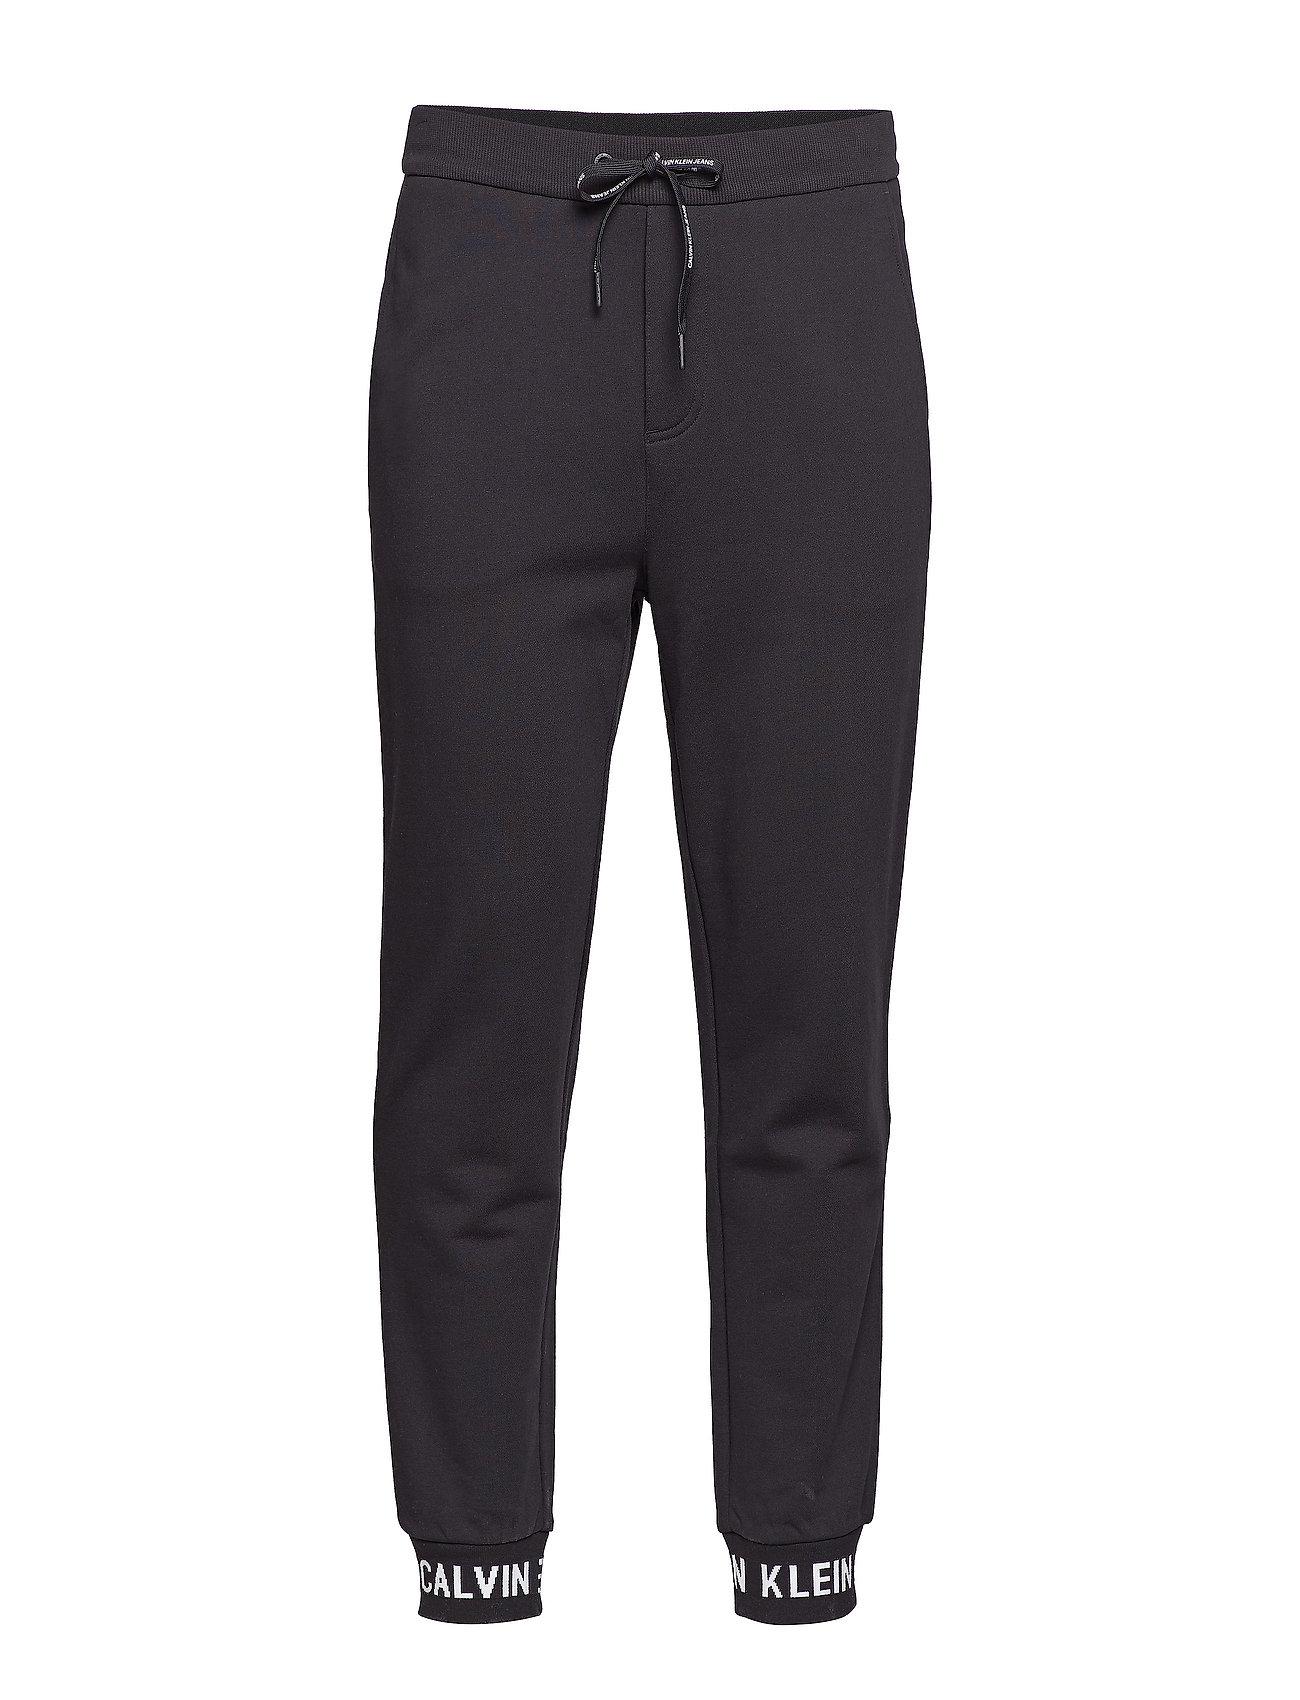 Calvin Klein Jeans HWK INSTIT LOGO CUFF - CK BLACK